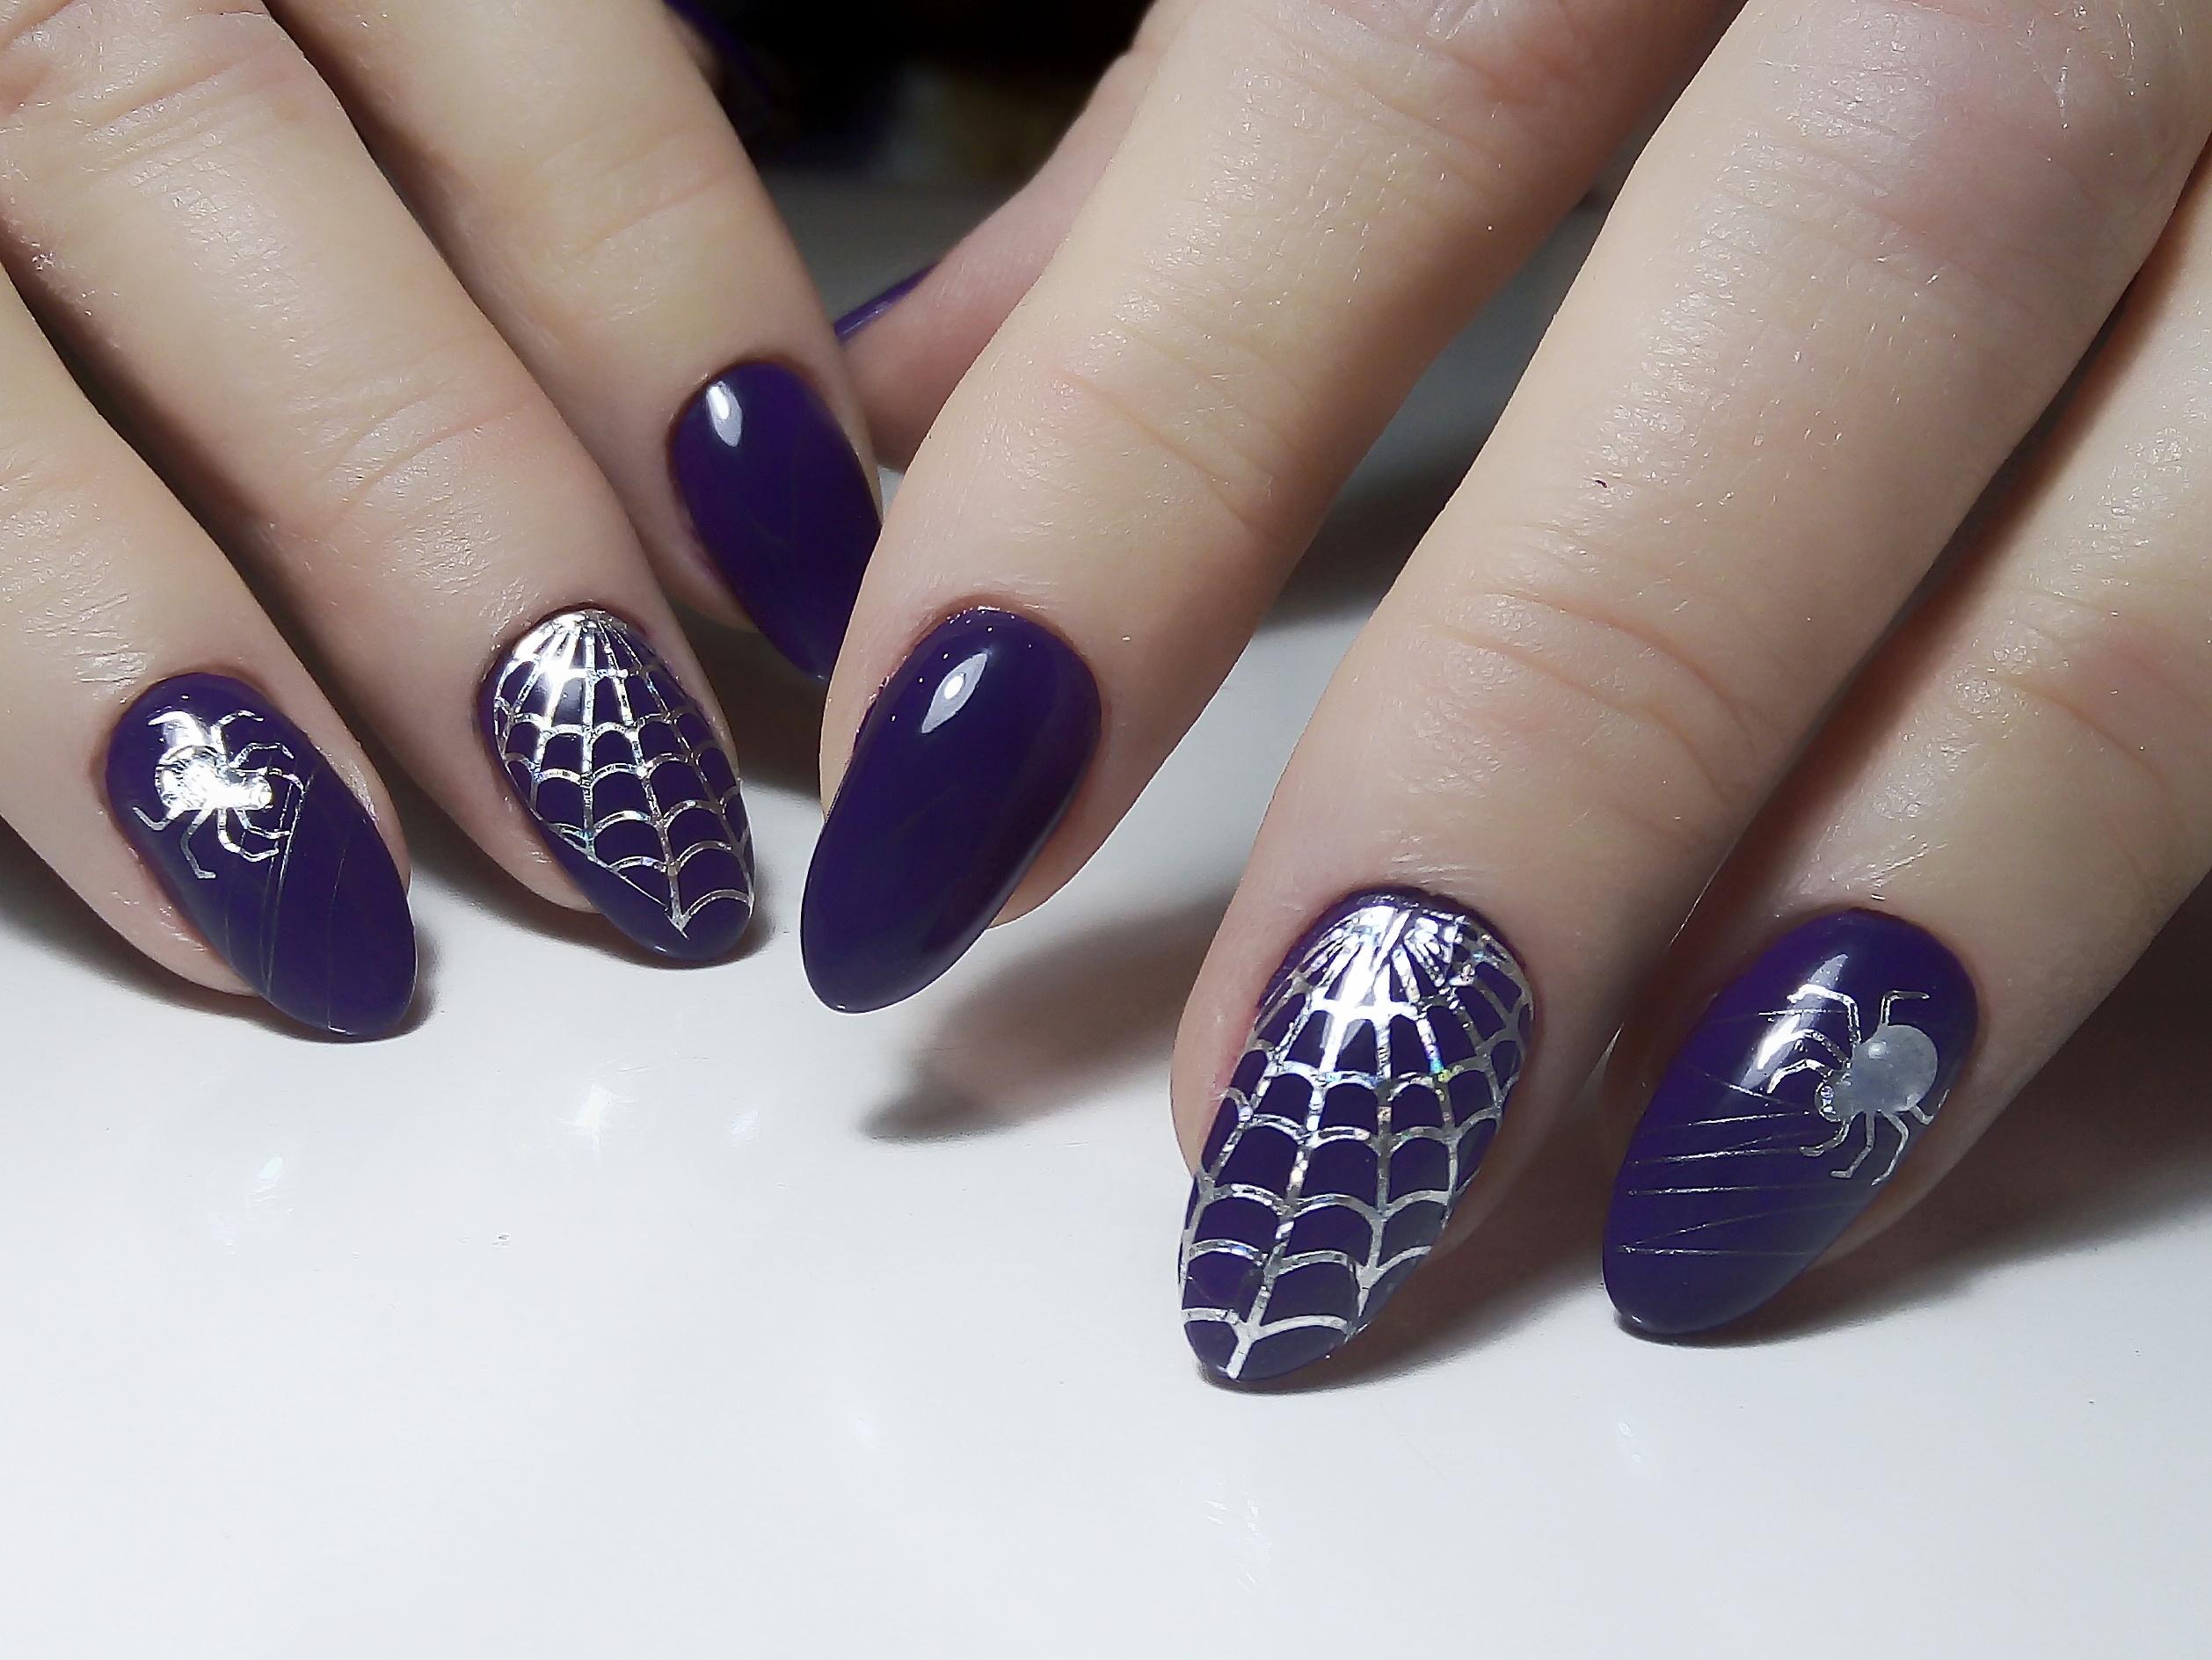 Маникюр с паутиной и пауком в фиолетовом цвете.